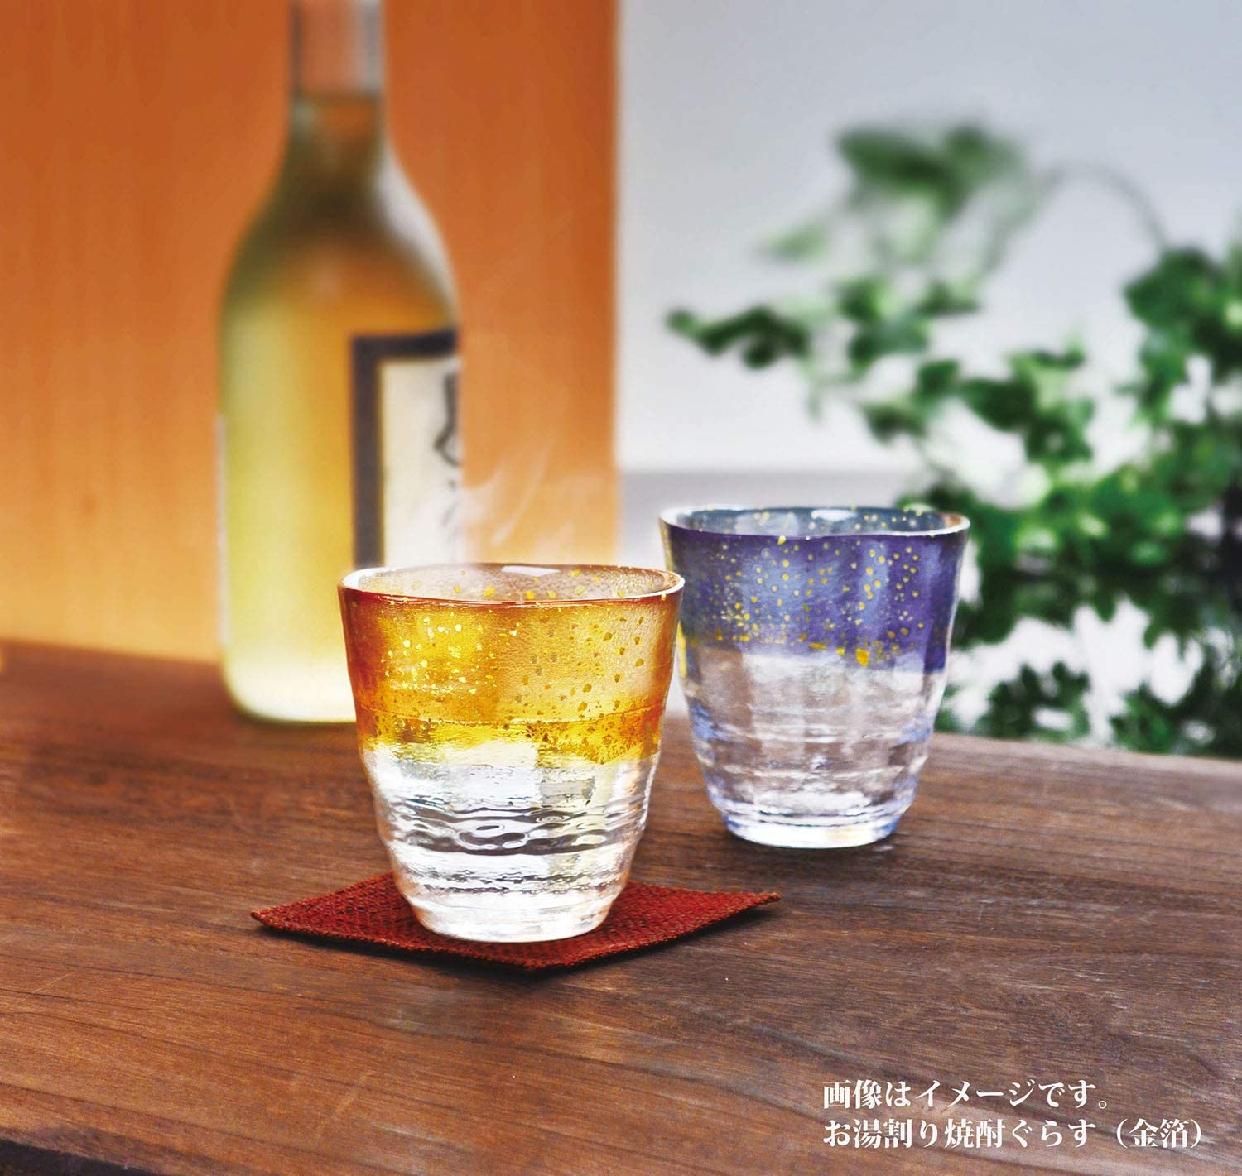 東洋佐々木ガラス(とうようささきがらす)お湯わり焼酎ぐらす(琥珀・金箔) 42130TS-G-WGABの商品画像7